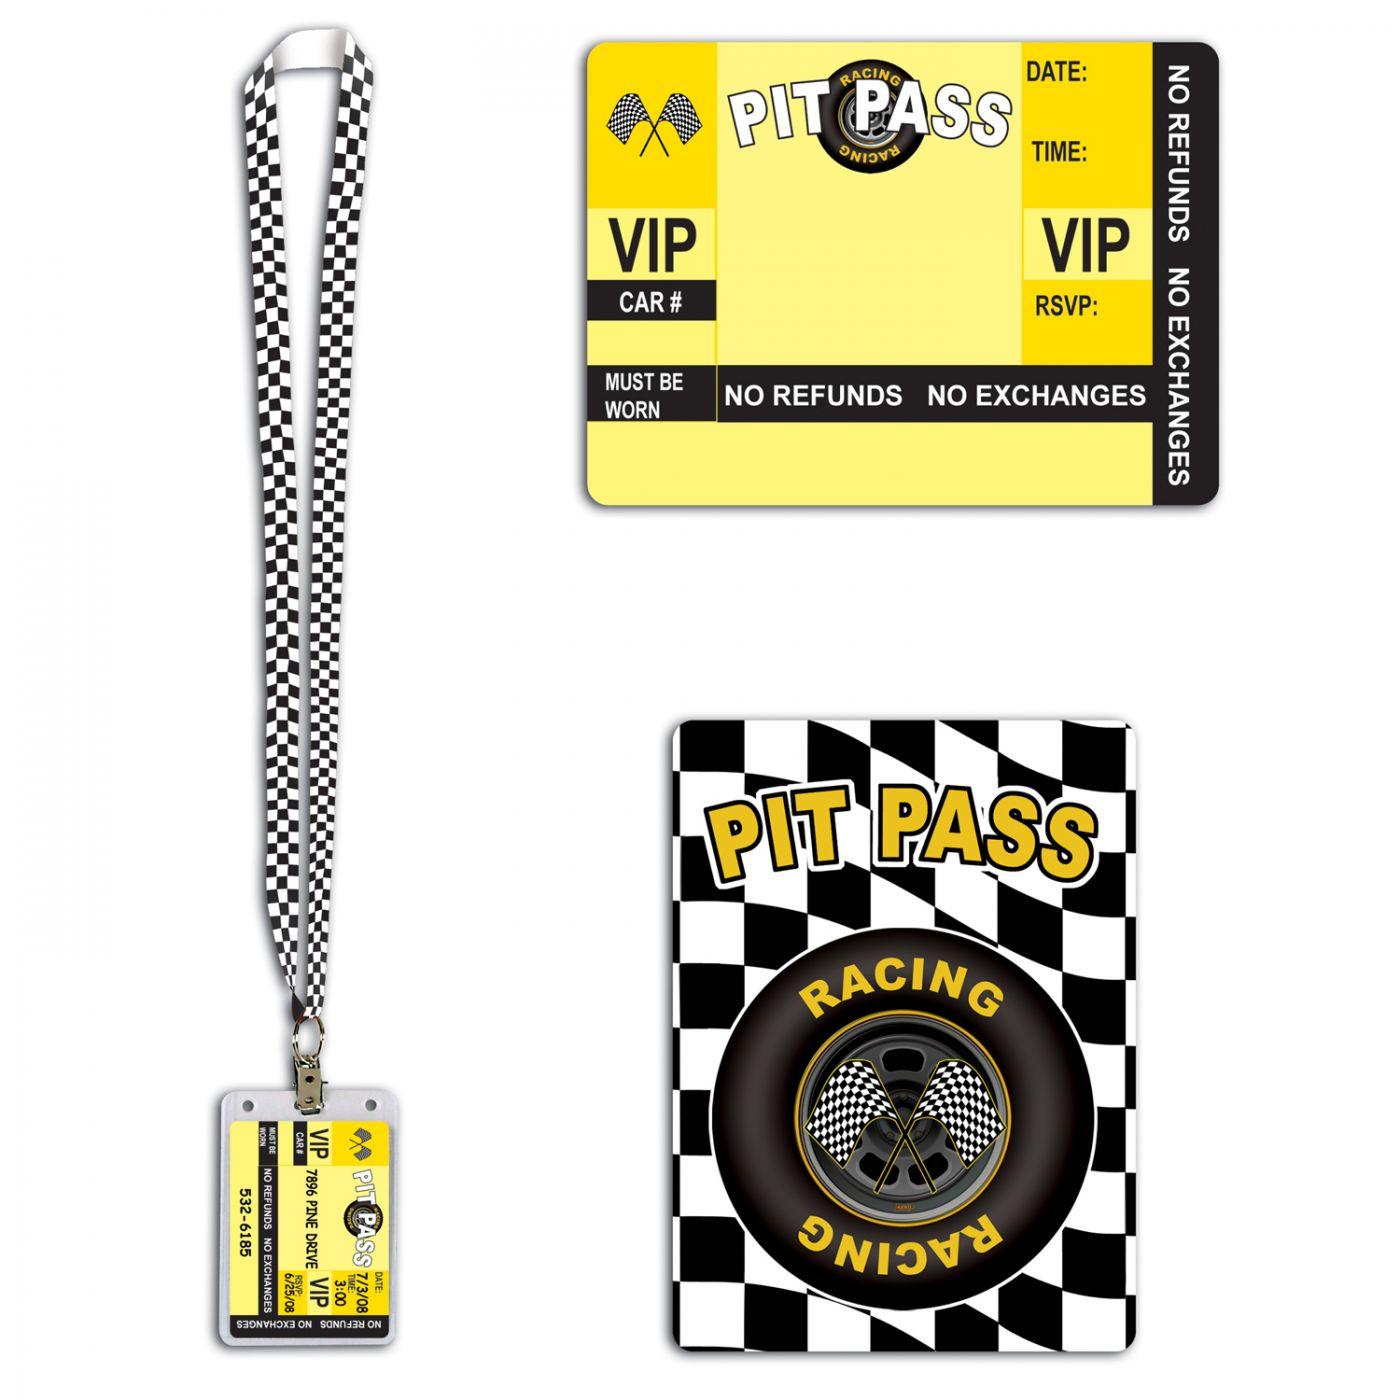 Racing Pit Pass image